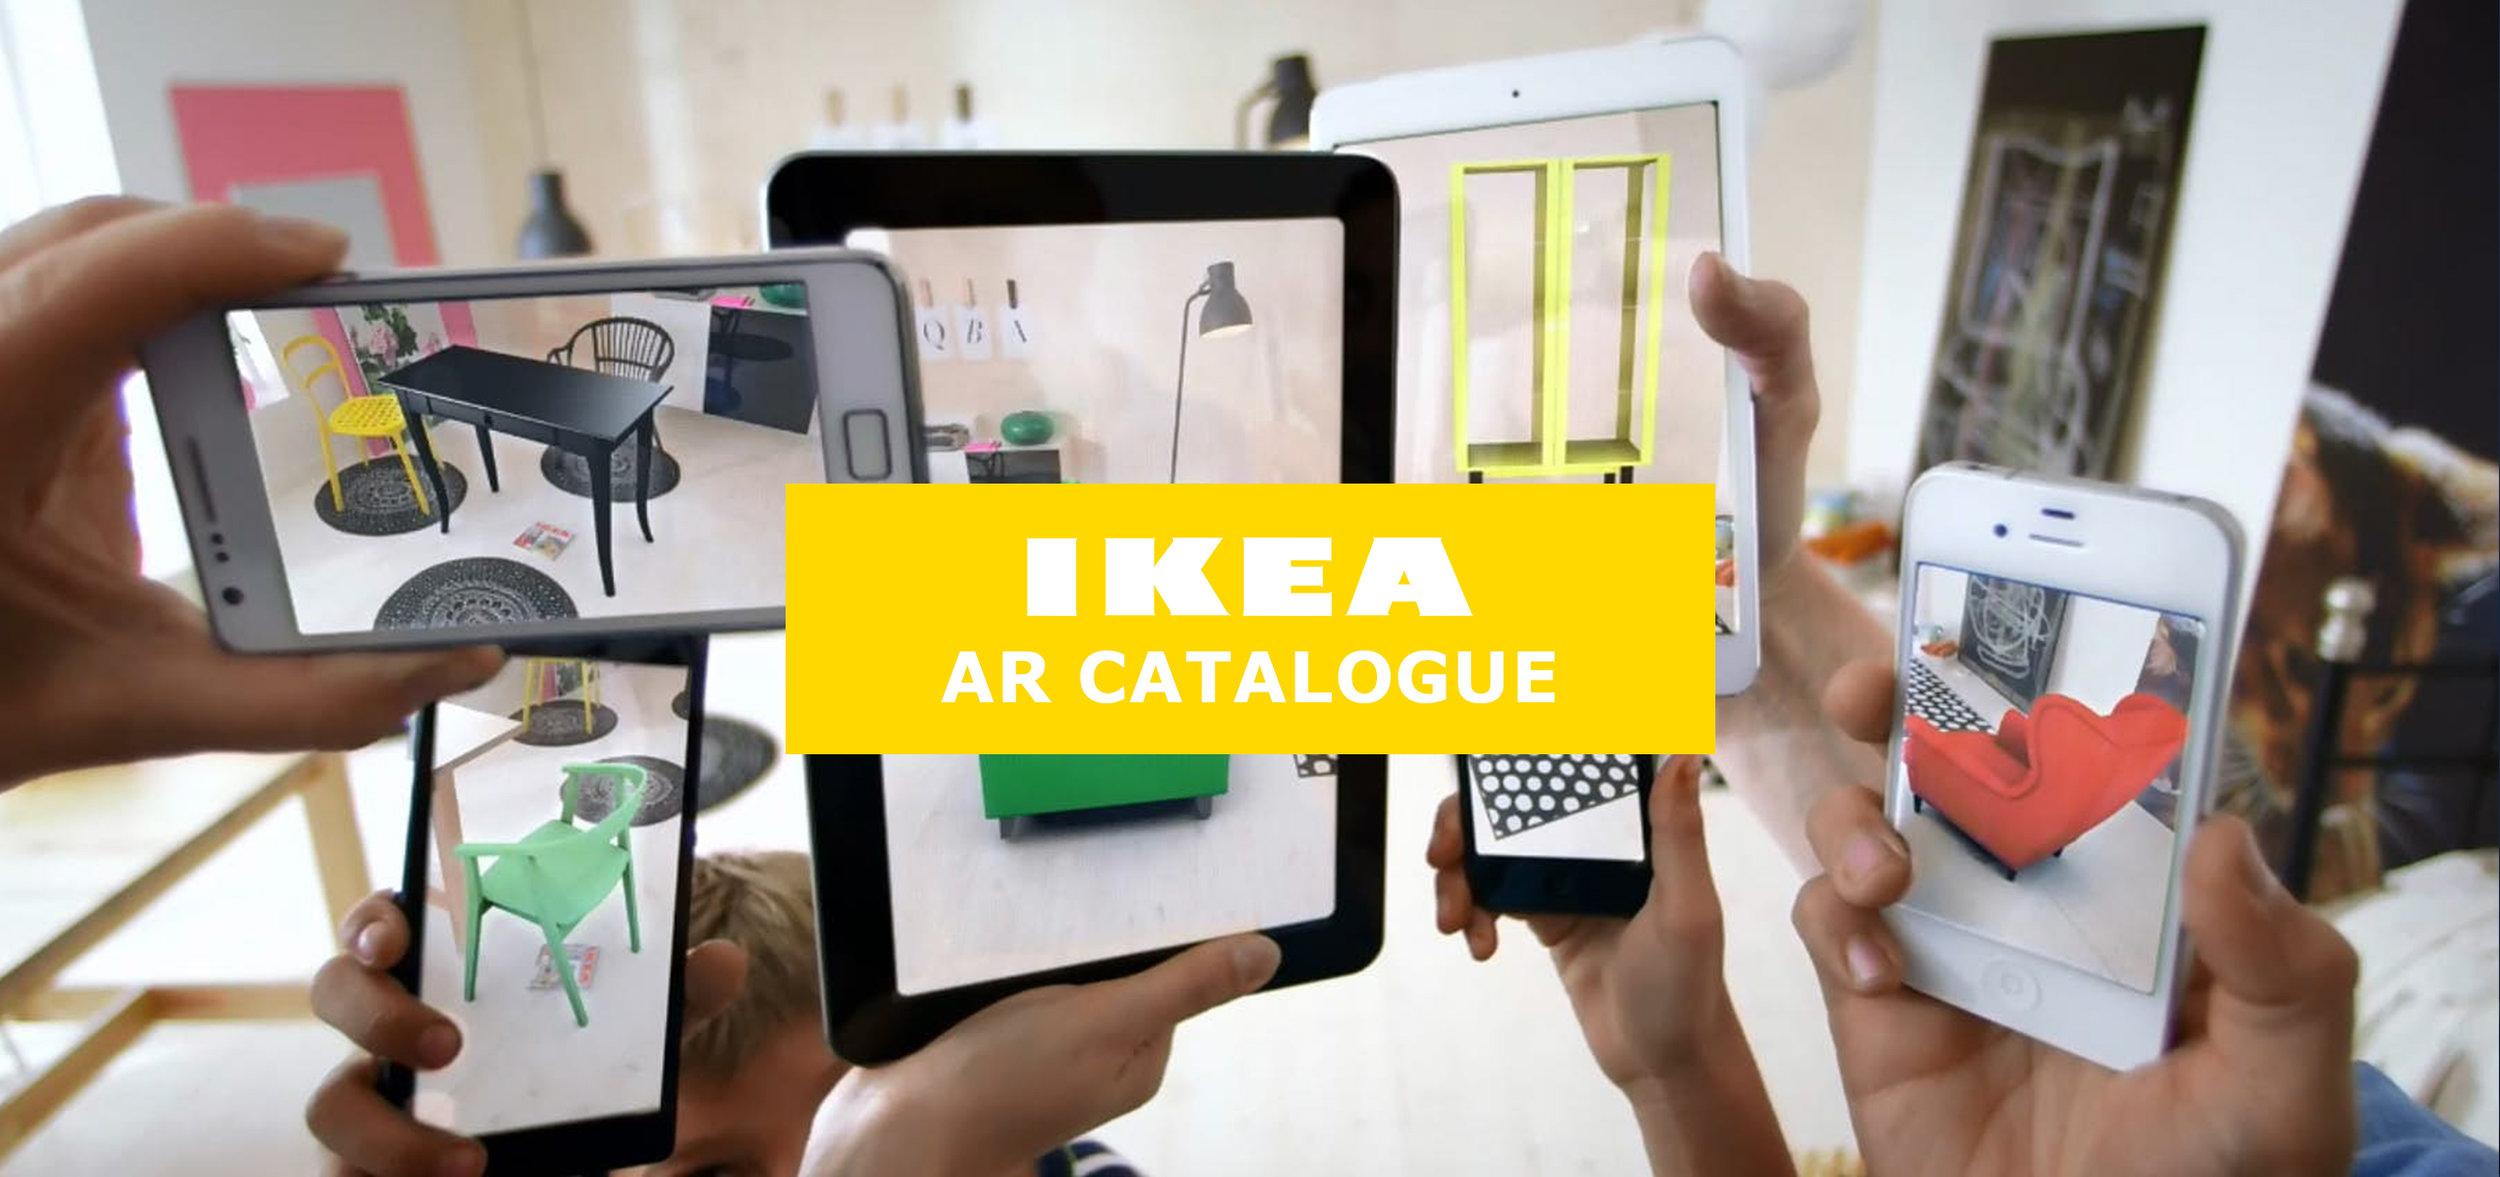 Ikea_thumb.jpg